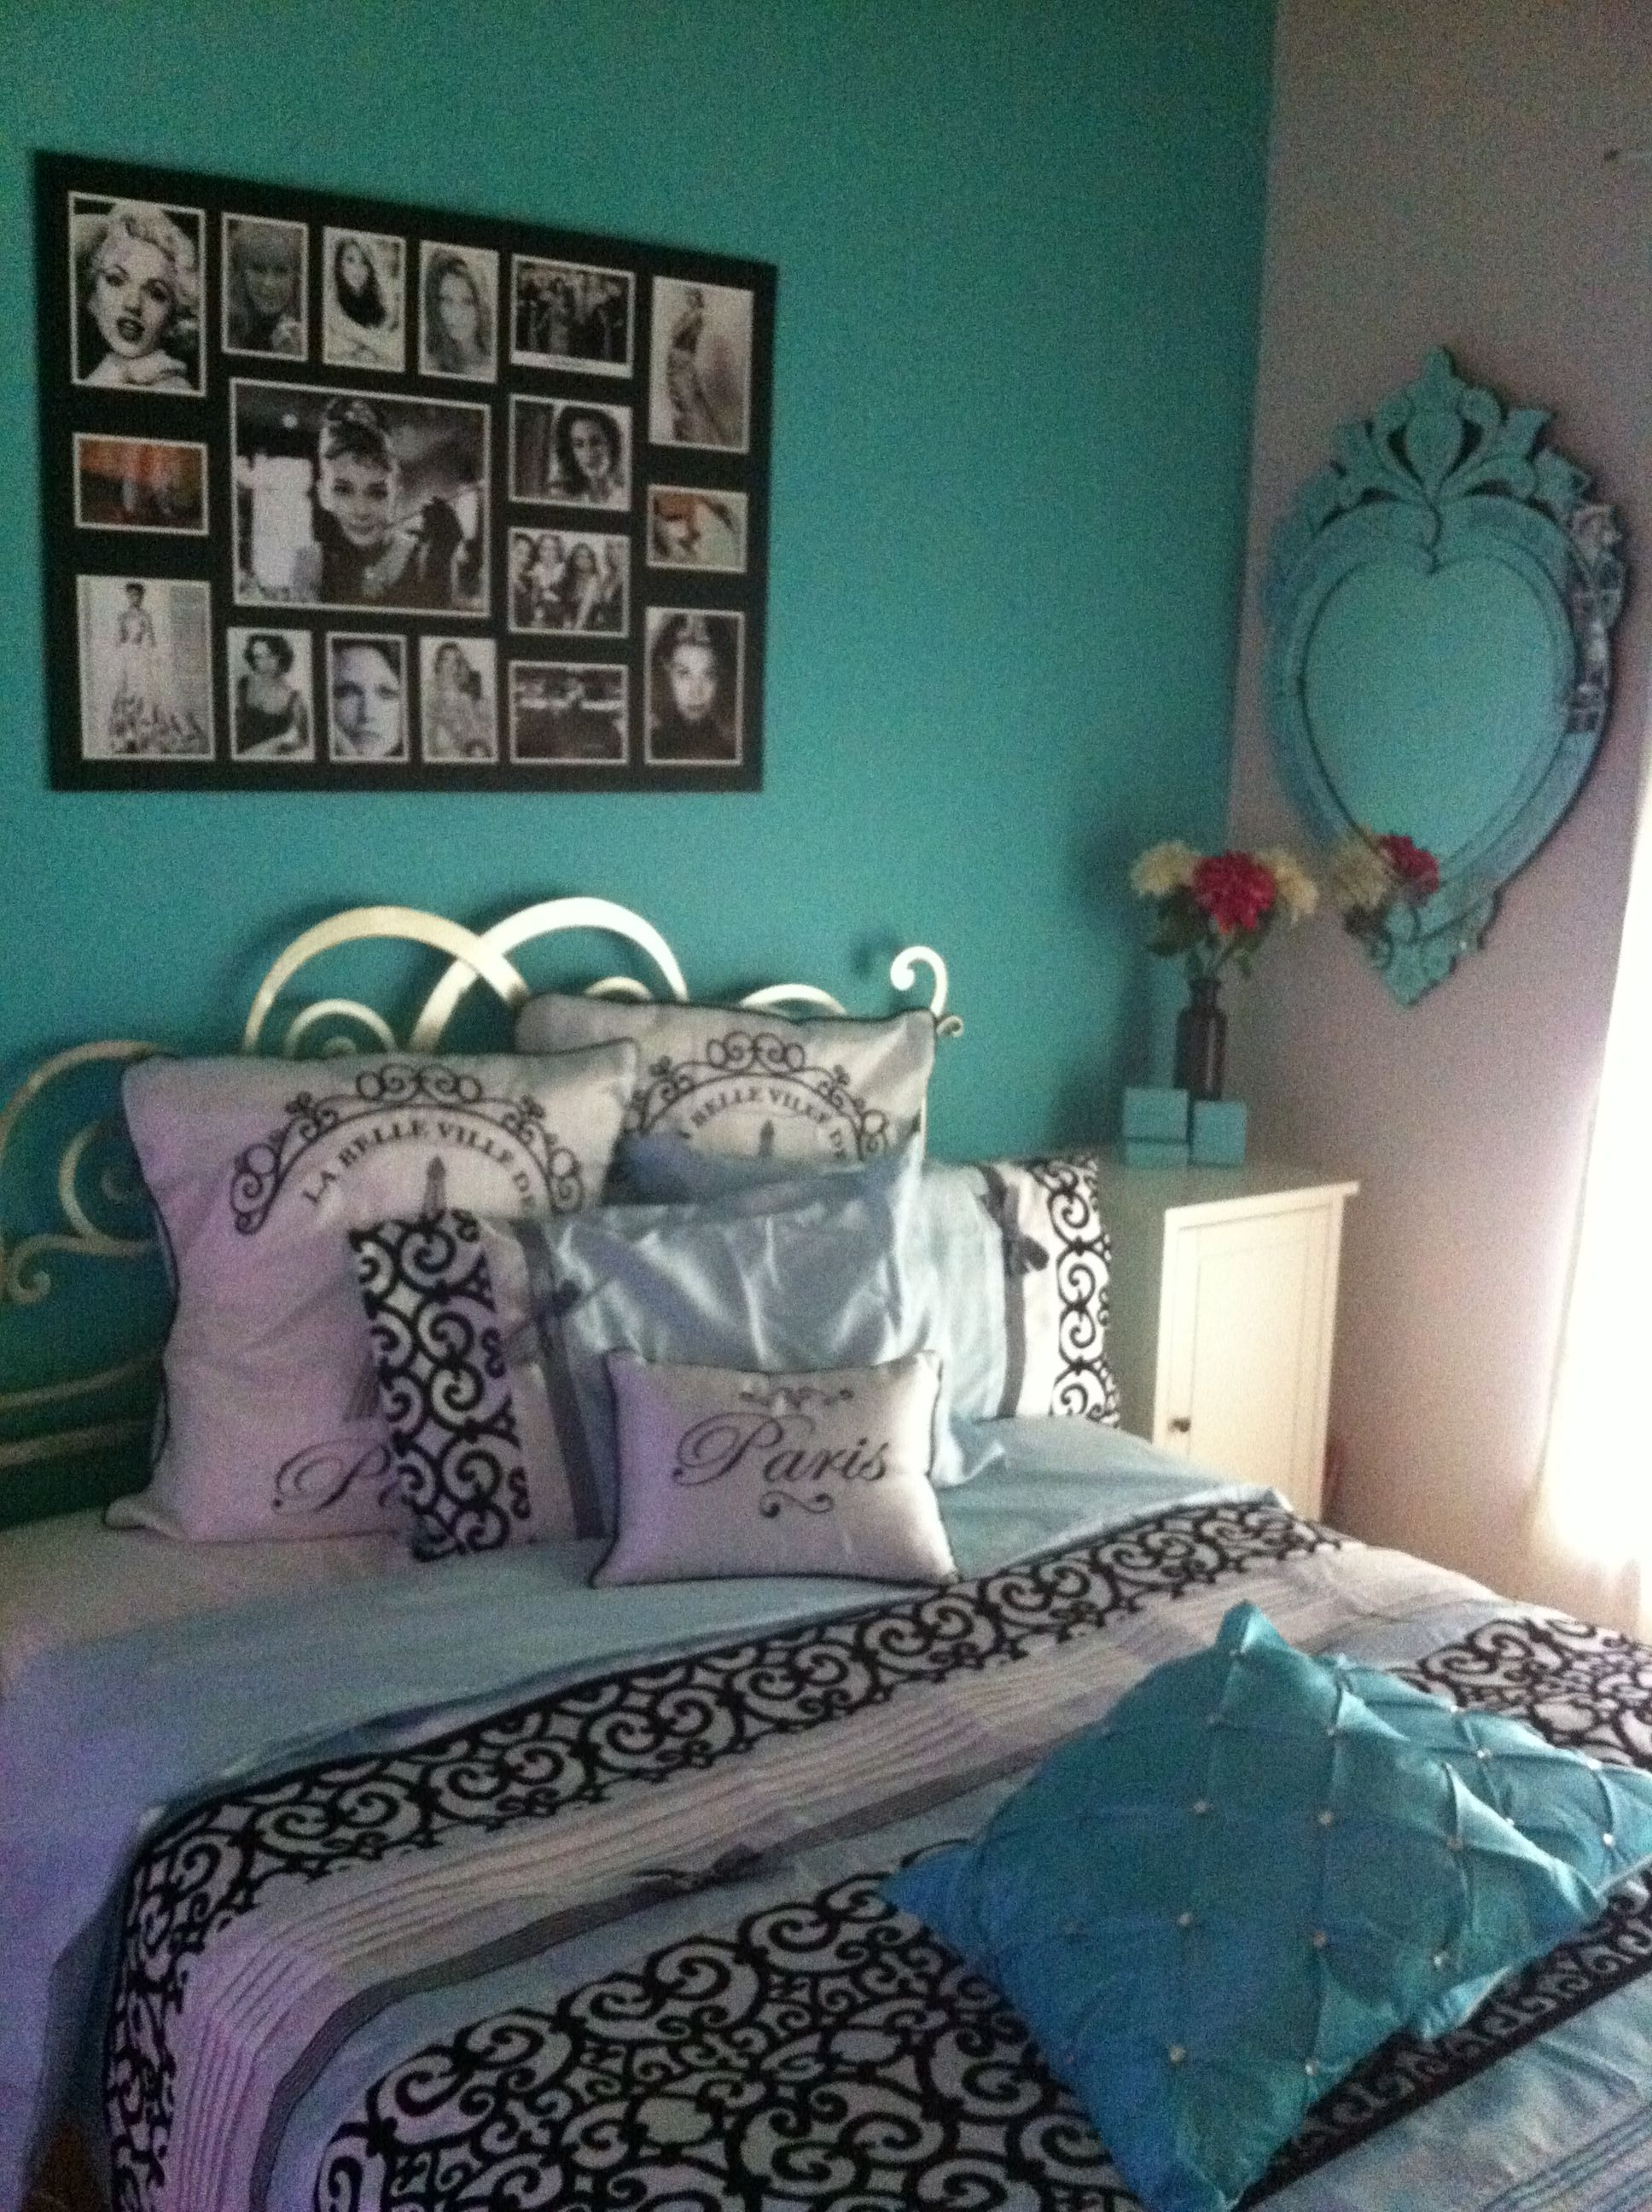 Colour ideas for teen girls bedroom | DIY | Pinterest ...